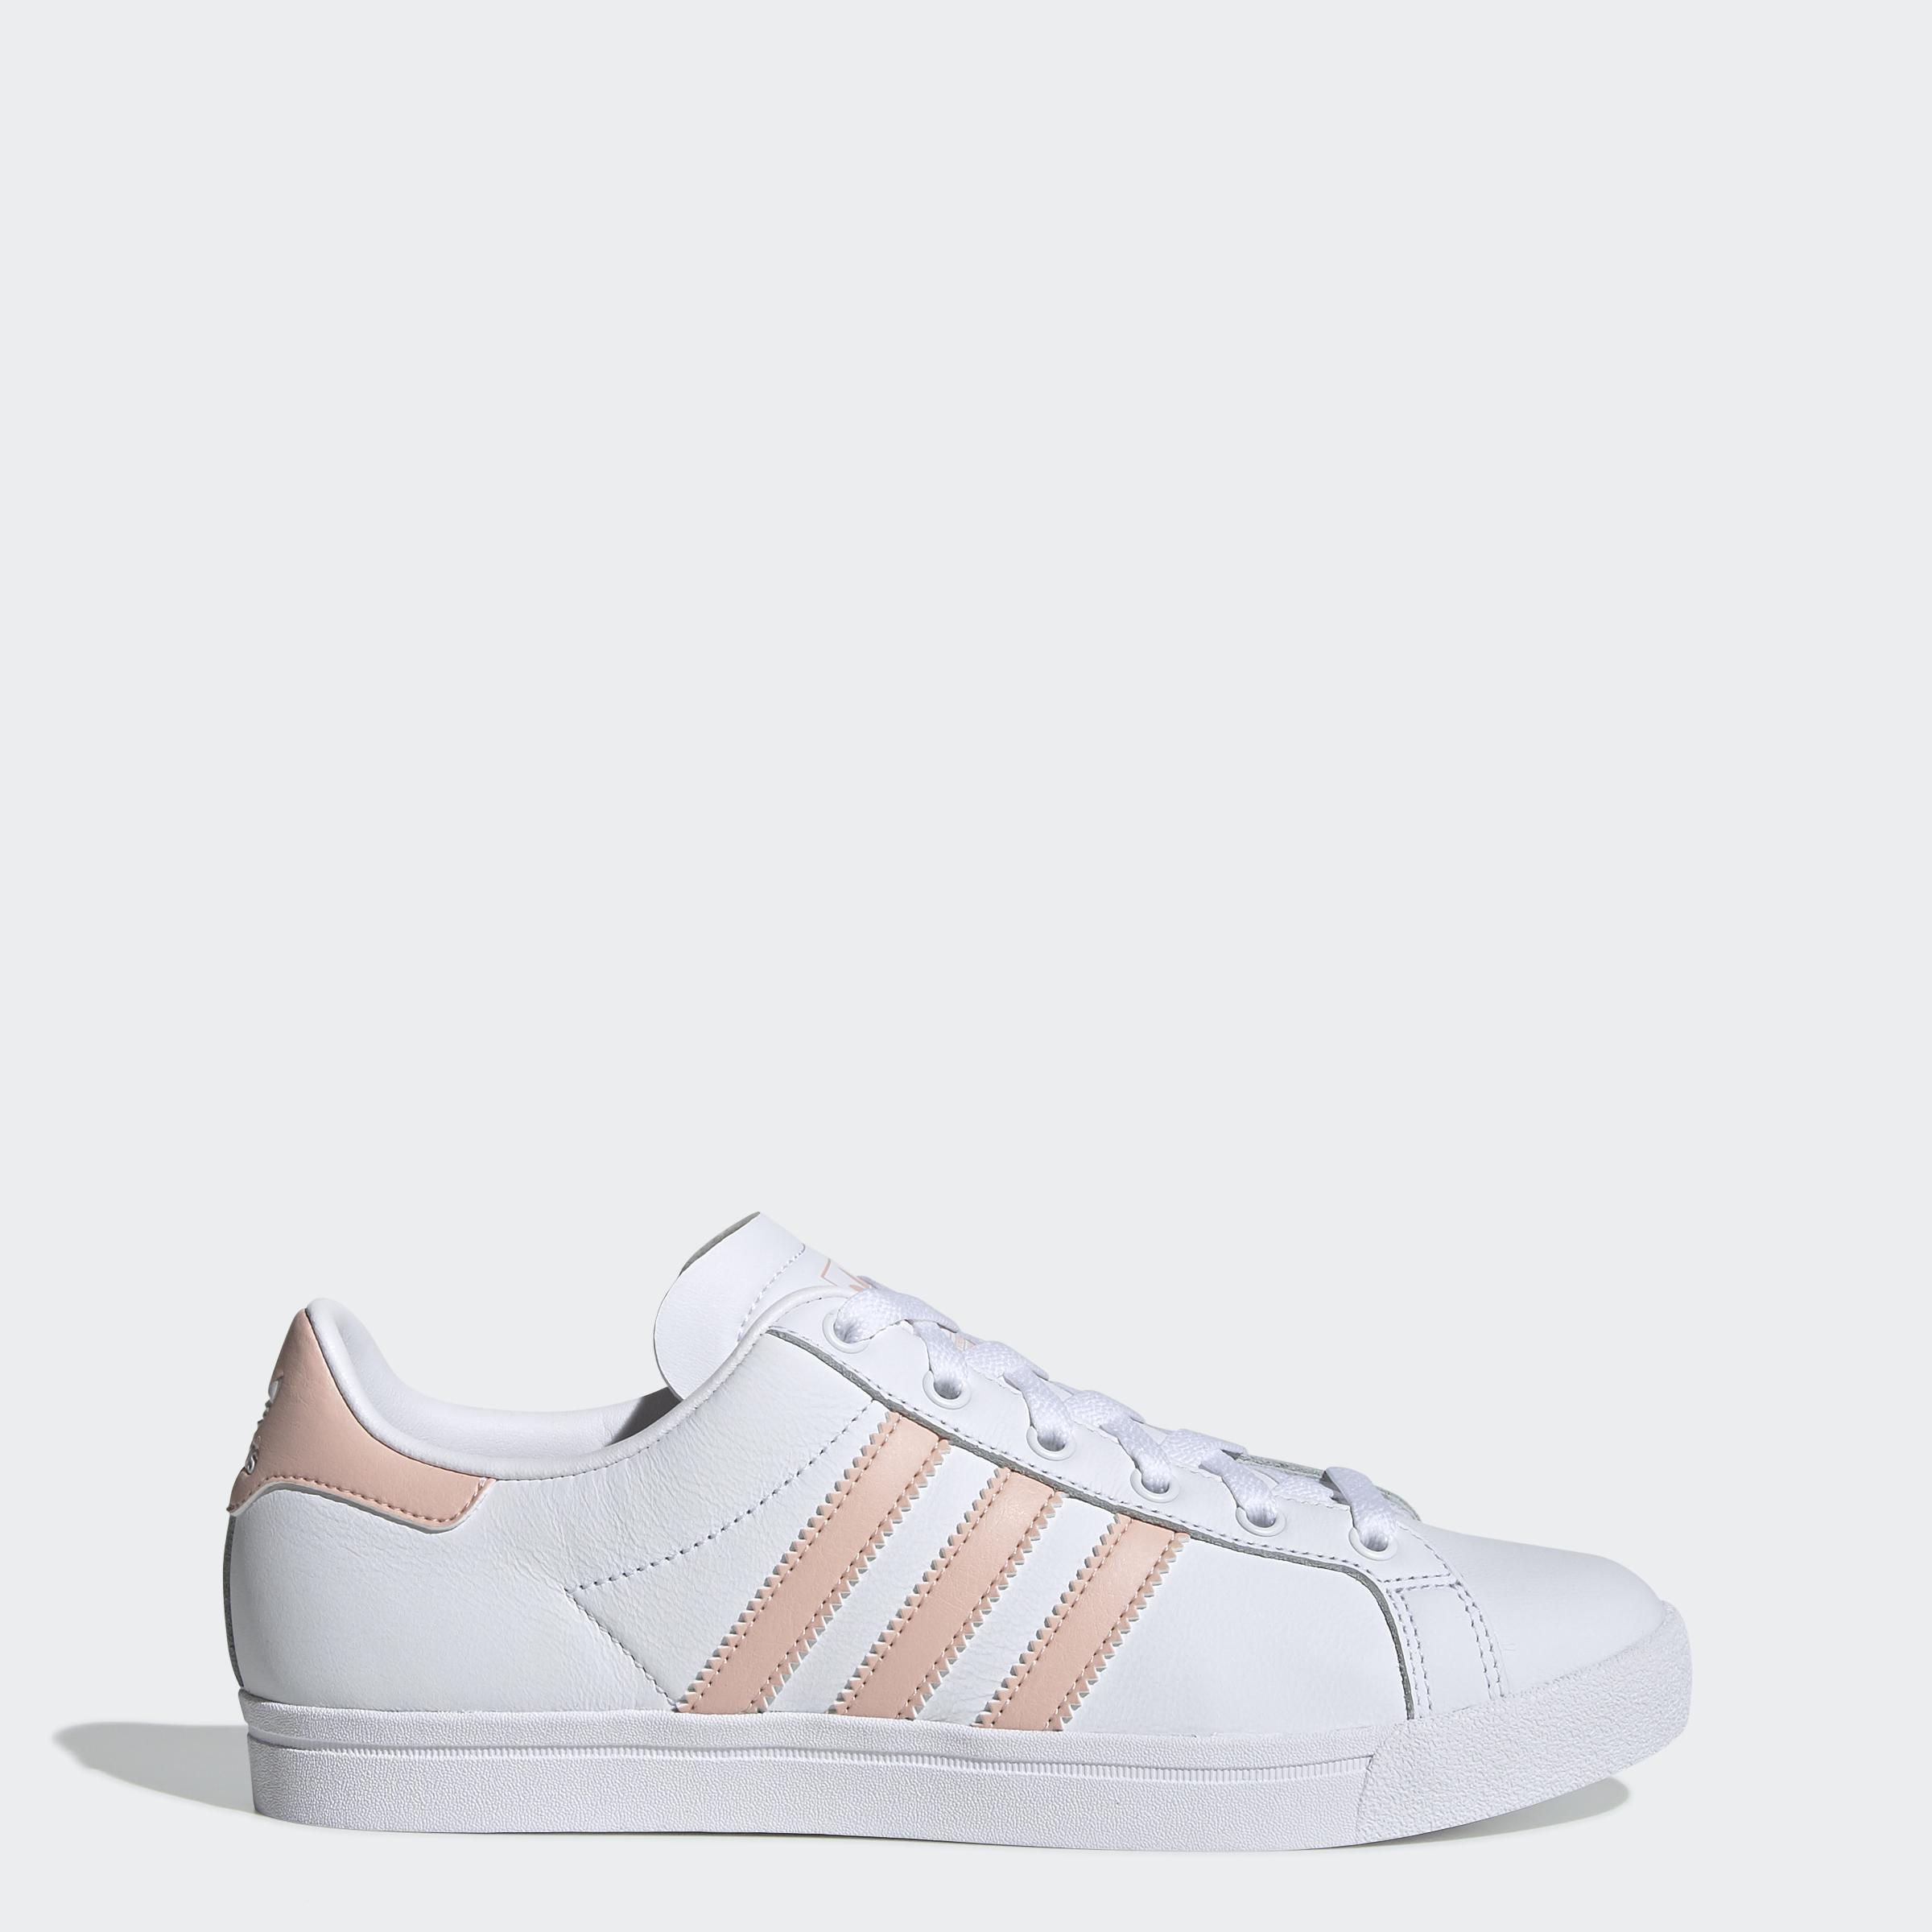 adidas Originals »COAST STAR JC« Sneaker kaufen | OTTO